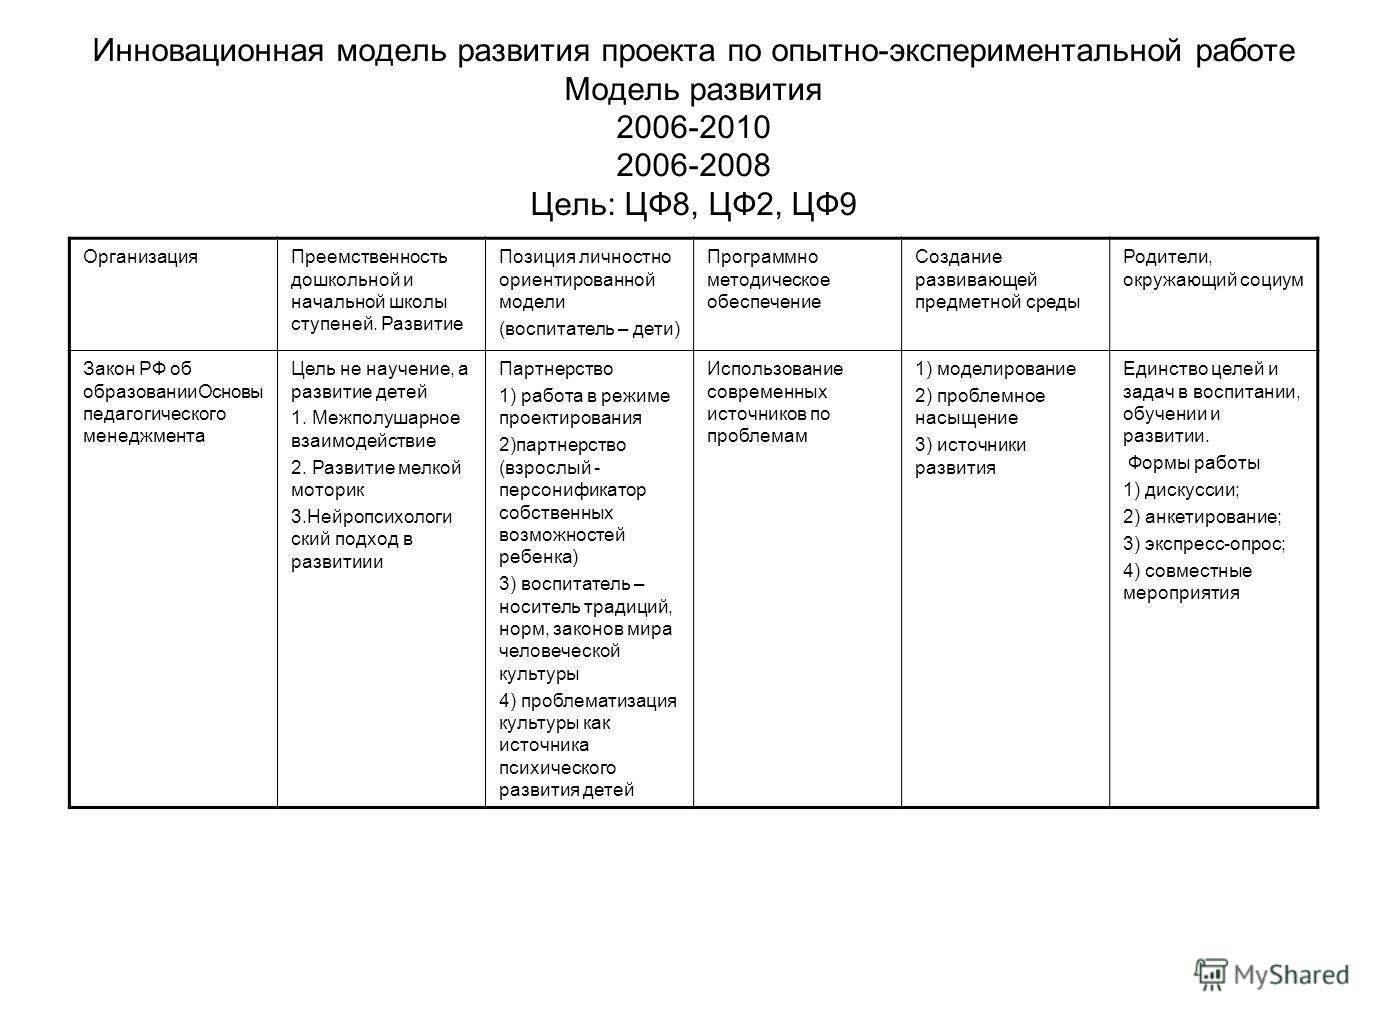 Инновационная модель развития проекта по опытно-экспериментальной работе Модель развития 2006-2010 2006-2008 Цель: ЦФ8, ЦФ2, ЦФ9 ОрганизацияПреемственность дошкольной и начальной школы ступеней. Развитие Позиция личностно ориентированной модели (восп